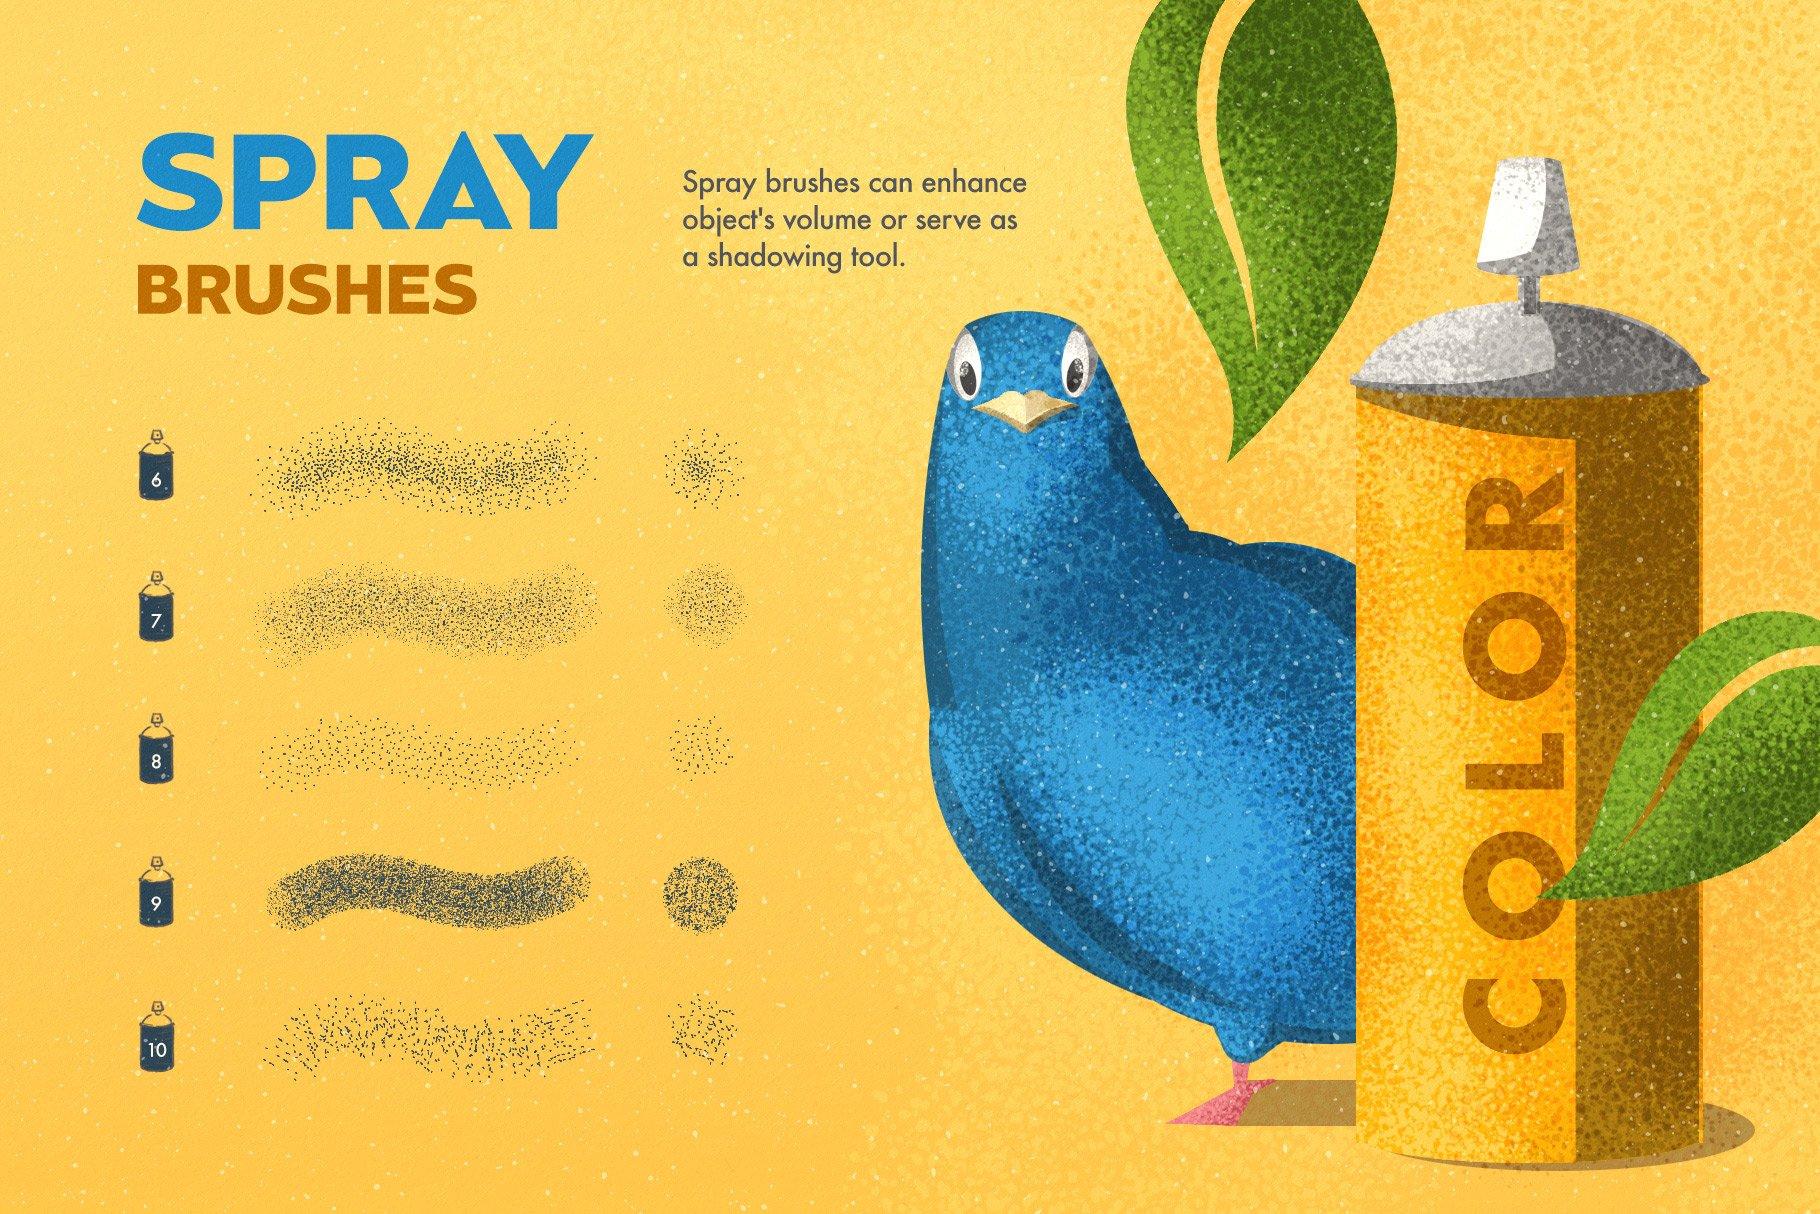 8 spray brushes 9